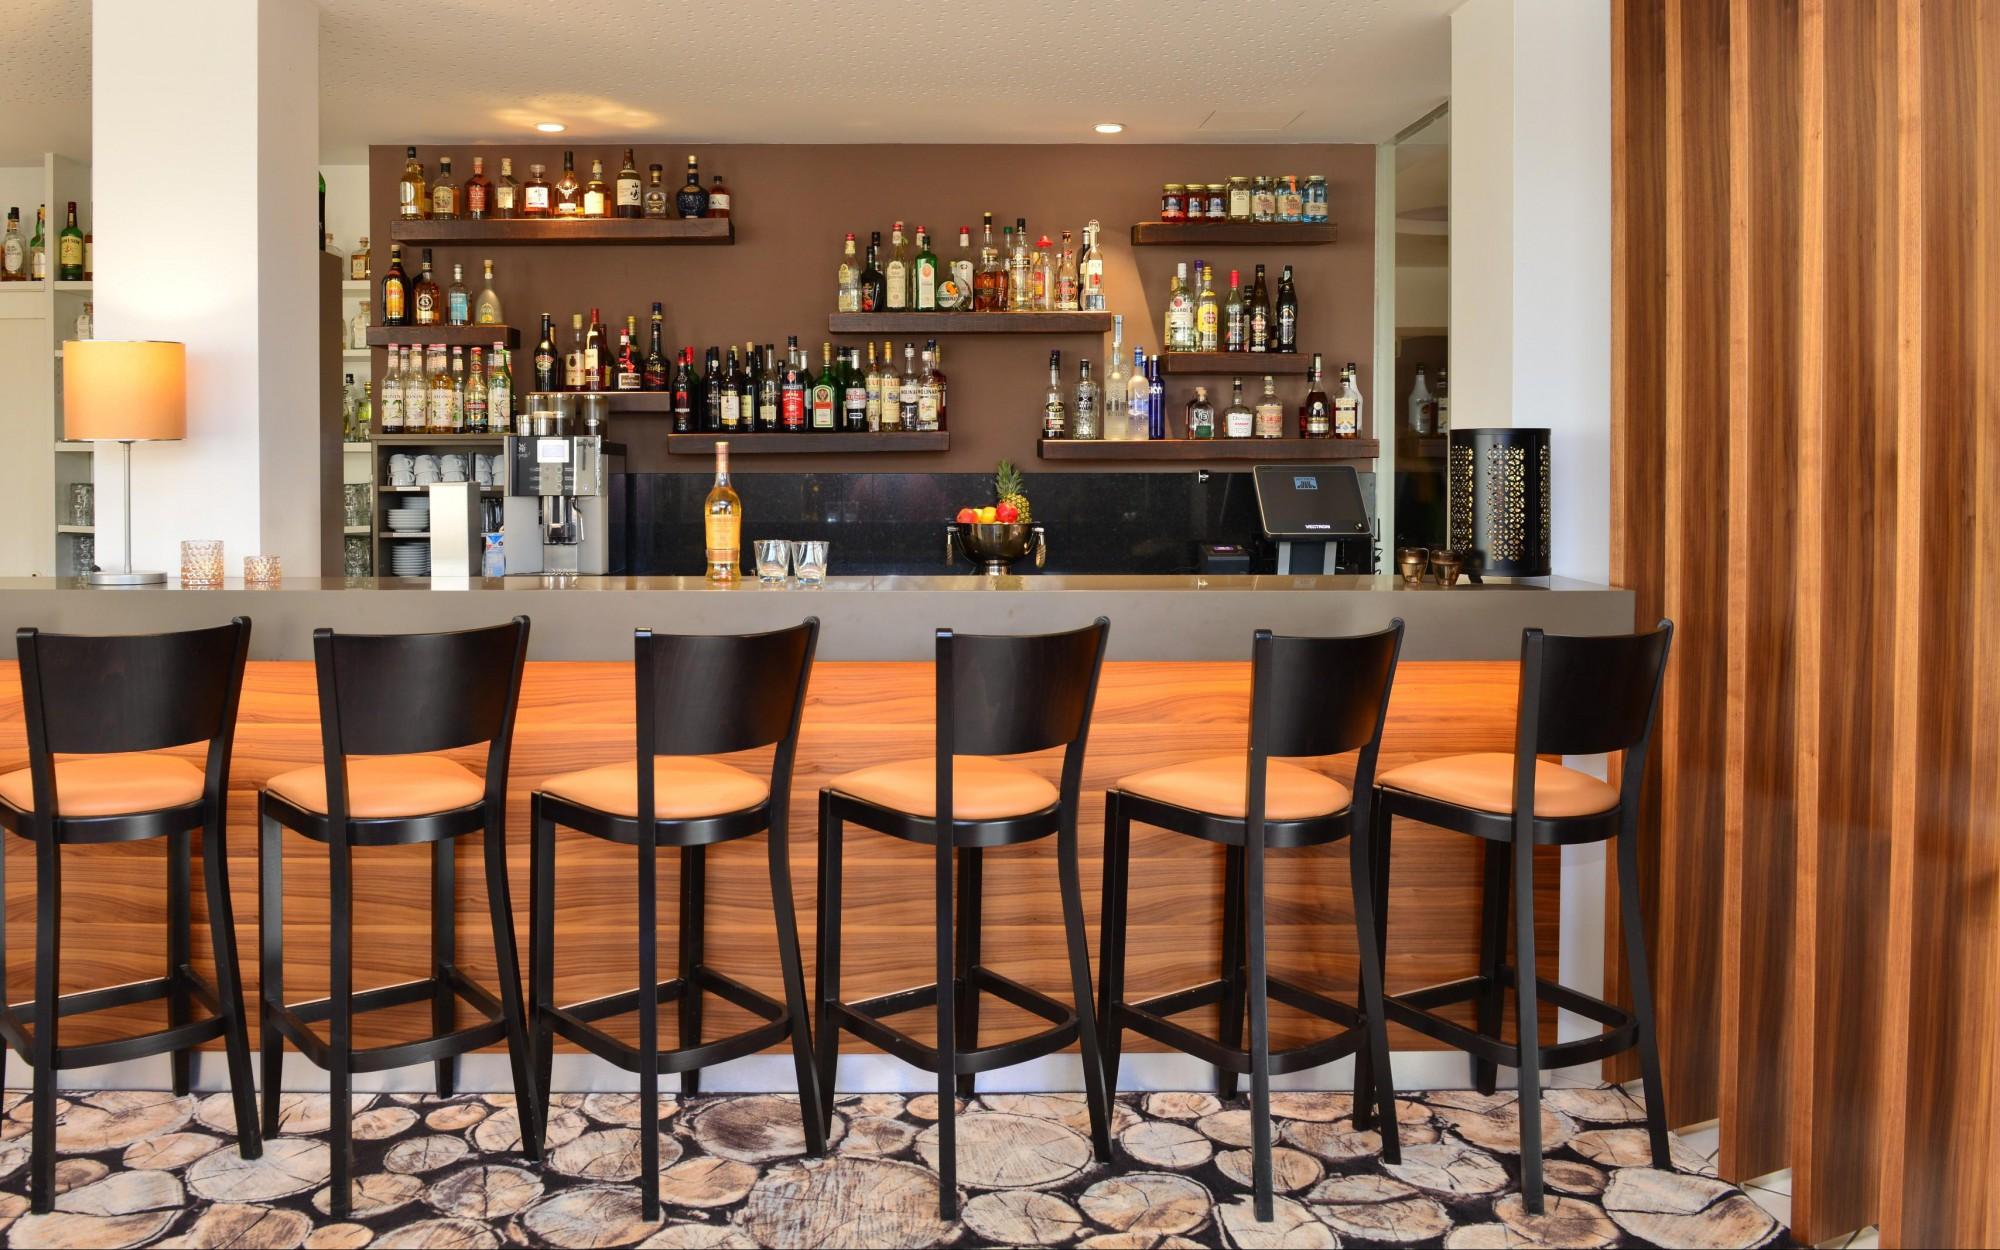 Hotelbar für Hotelgäste aus Langenau & Umgebung